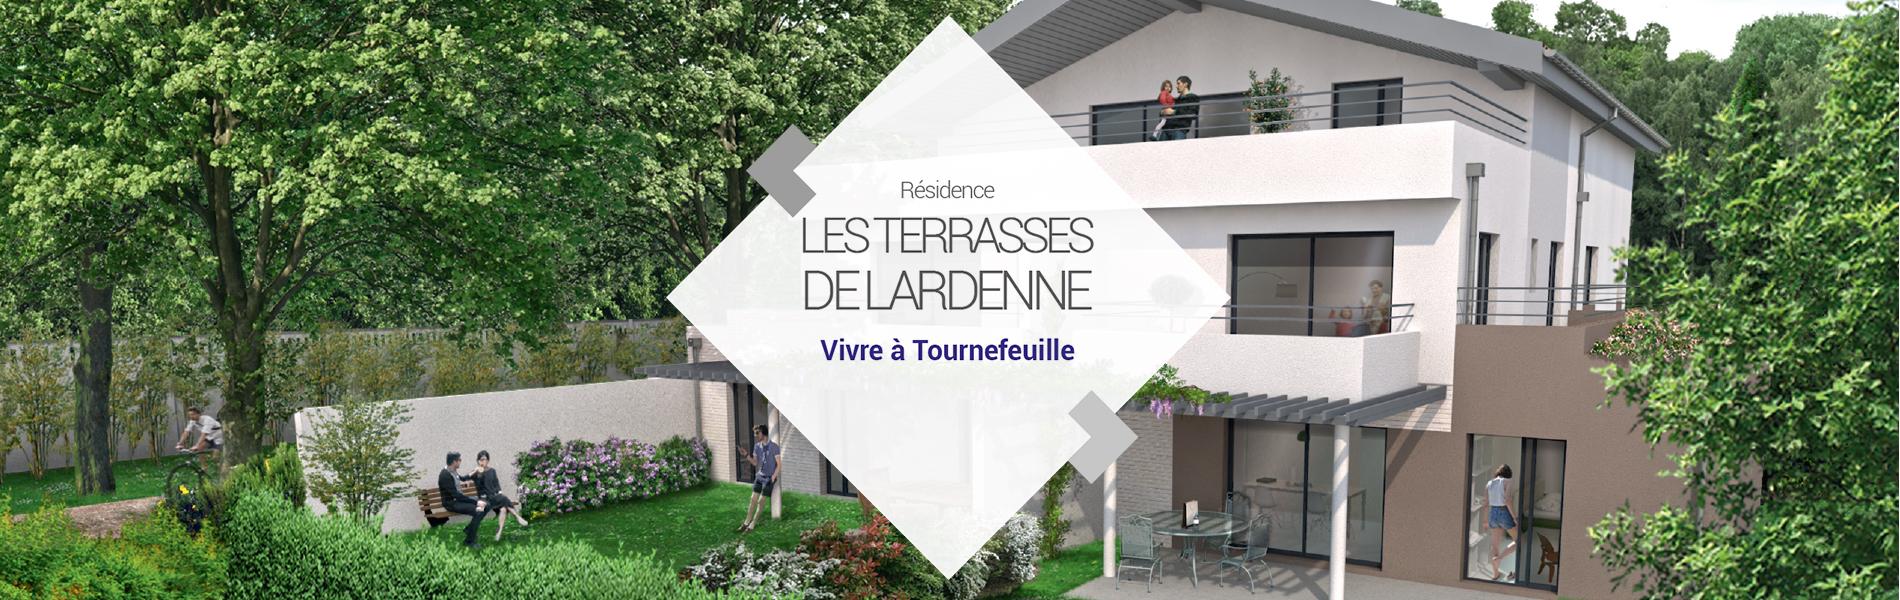 BG Promotion - Slide - Les Terrasses de Lardenne